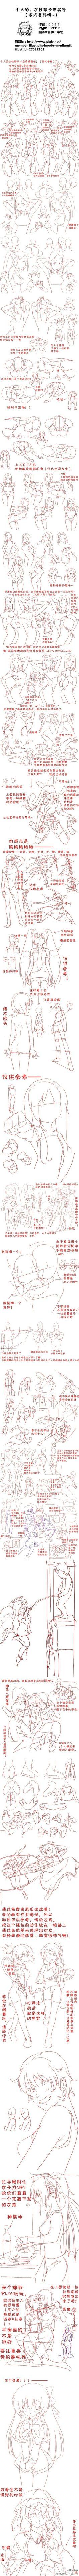 平之小爷的照片 - 《女子脖子与肩部以及...@xKD4j_清晨采集到印记(1187图)_花瓣